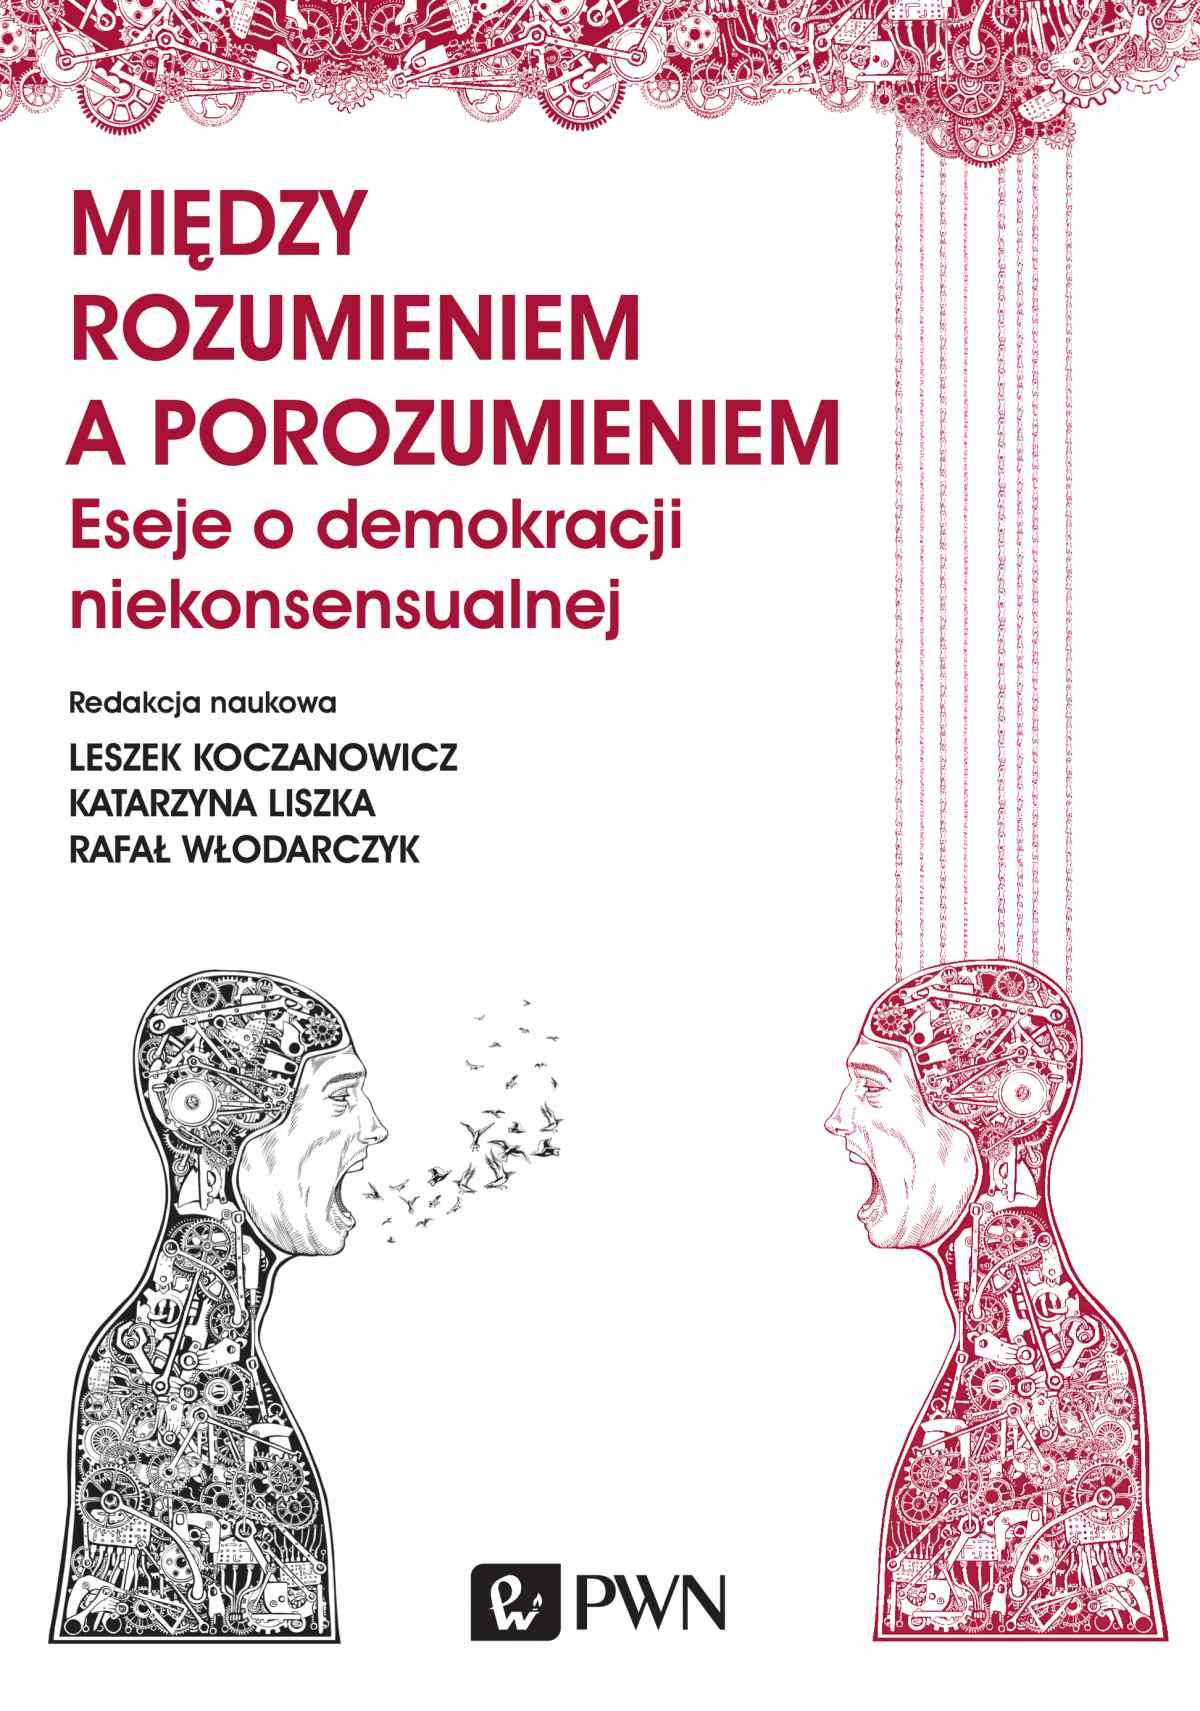 Między rozumieniem a porozumieniem - Ebook (Książka na Kindle) do pobrania w formacie MOBI